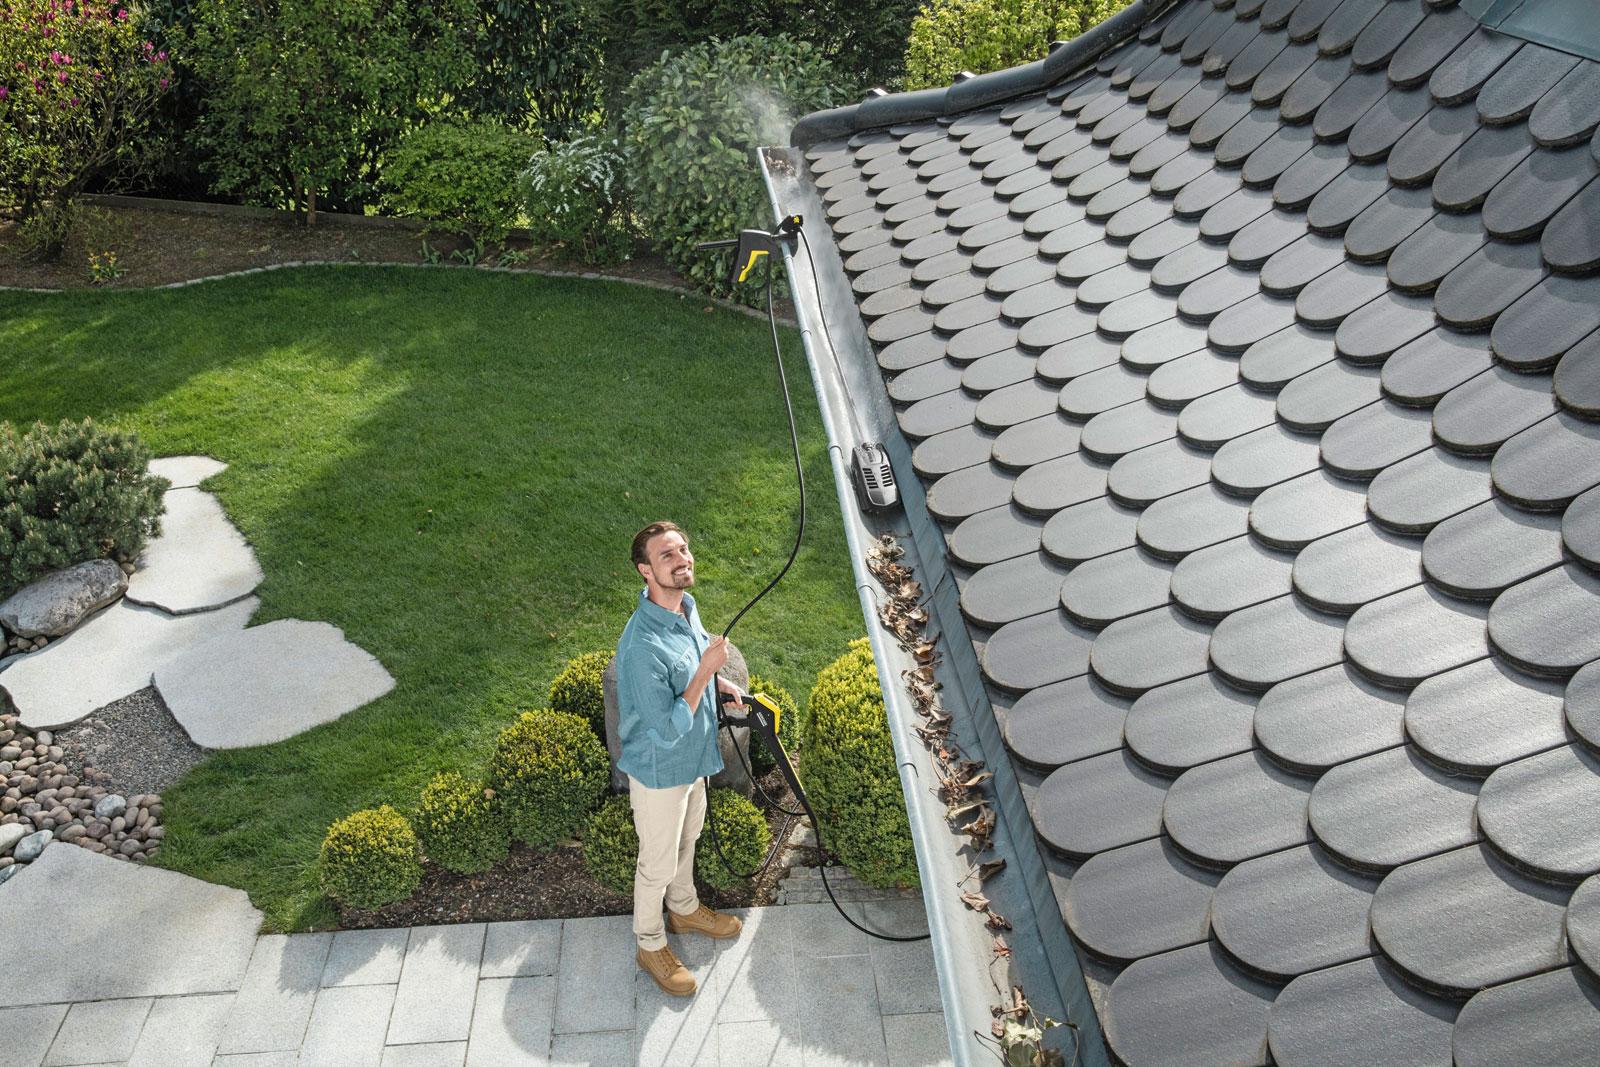 Kärcher Dachrinnen- und Rohrreinigungs-Set P 20 20m Bild 4